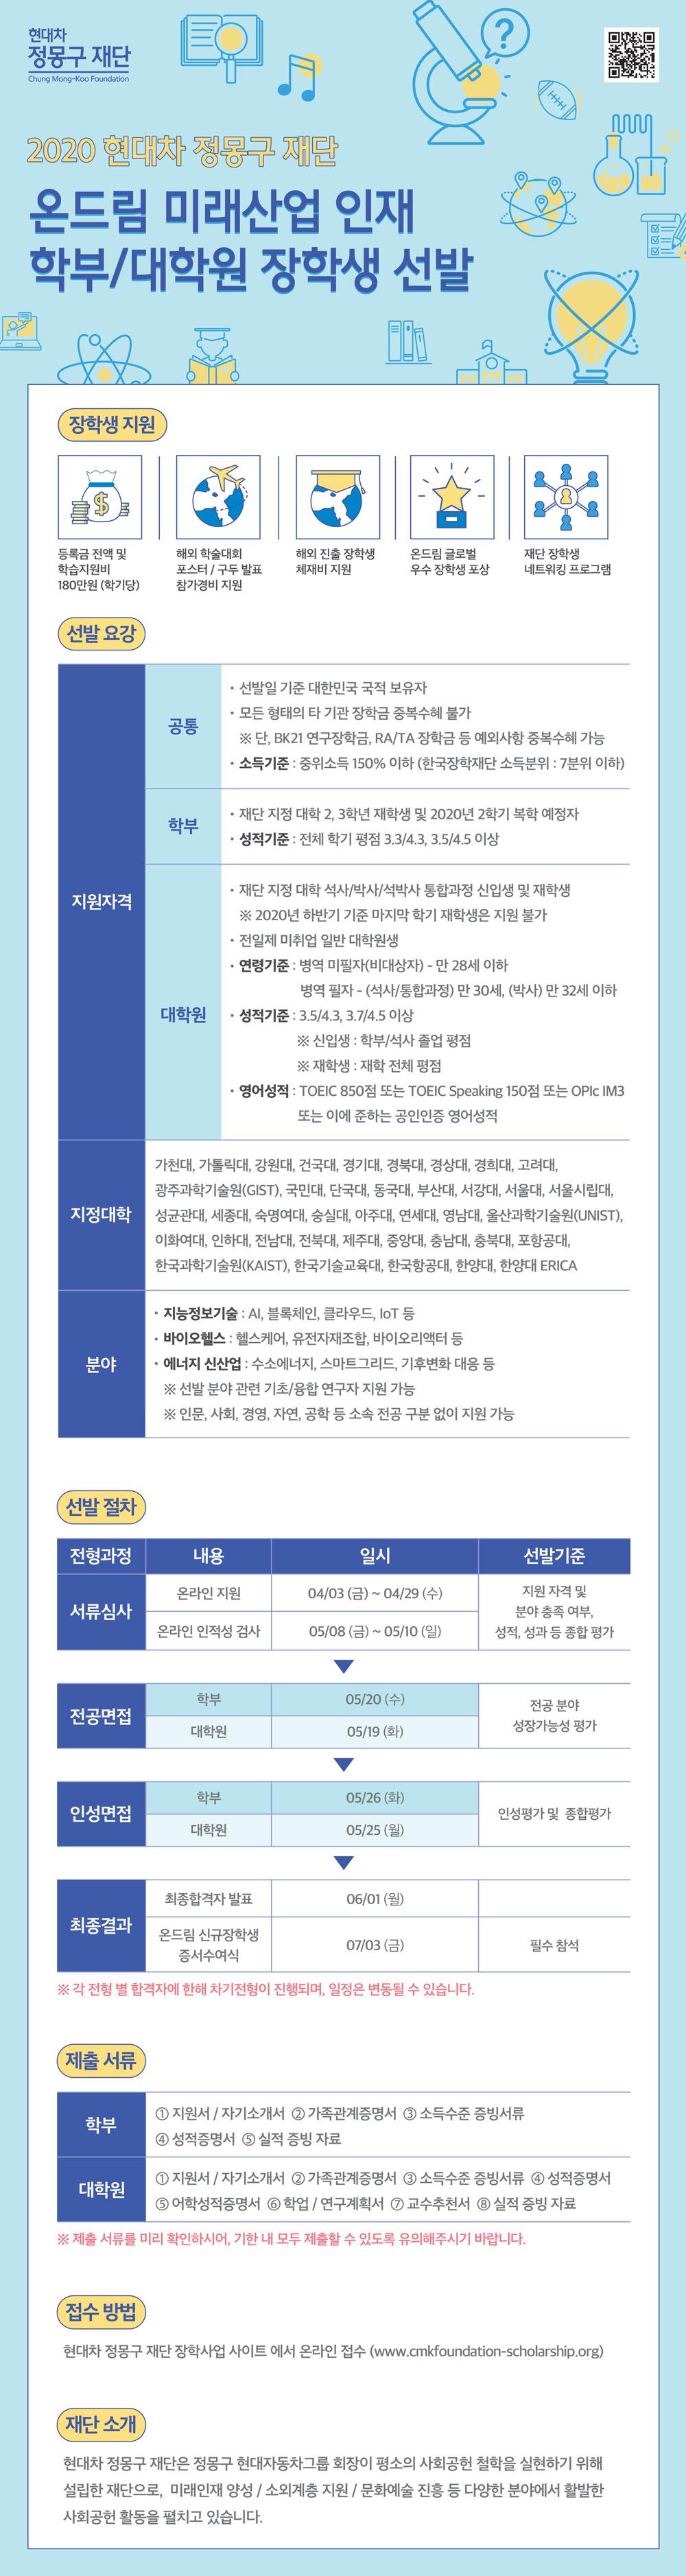 2020 현대차 정몽구 재단 미래산업 인재 장학생 선발(포스터).jpg